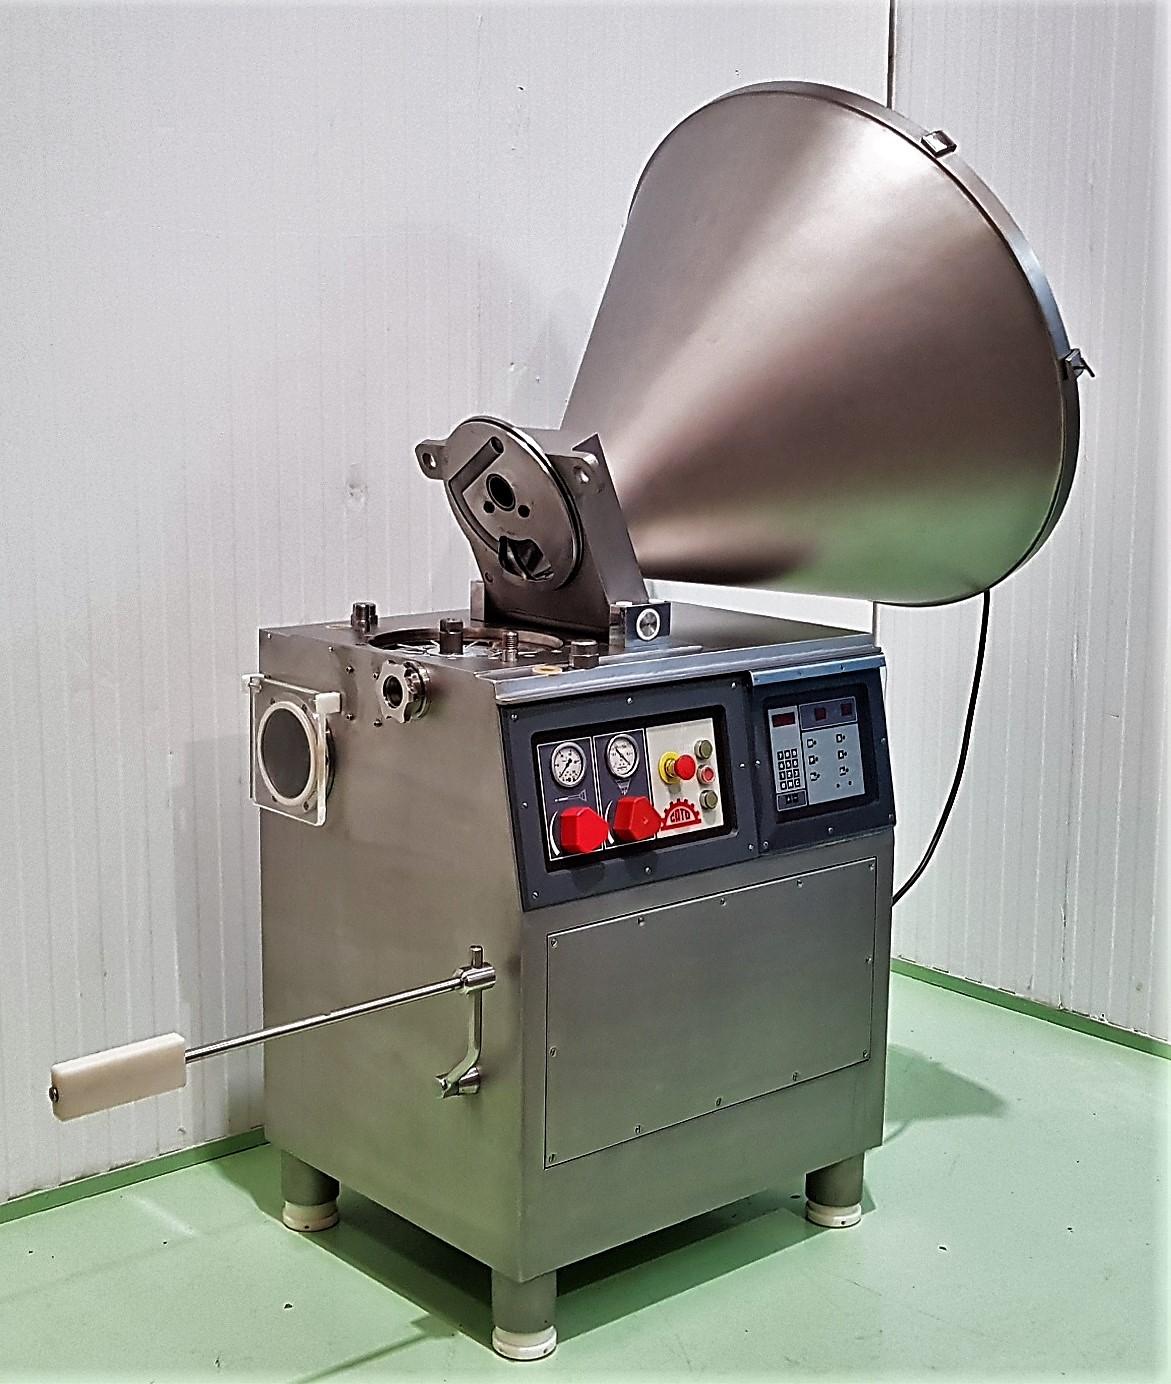 Vakumlu Dolum Makinesi Cato Eb-1 Ikinci El Makineler - Exapro encequiconcerne Autoclave Occasion